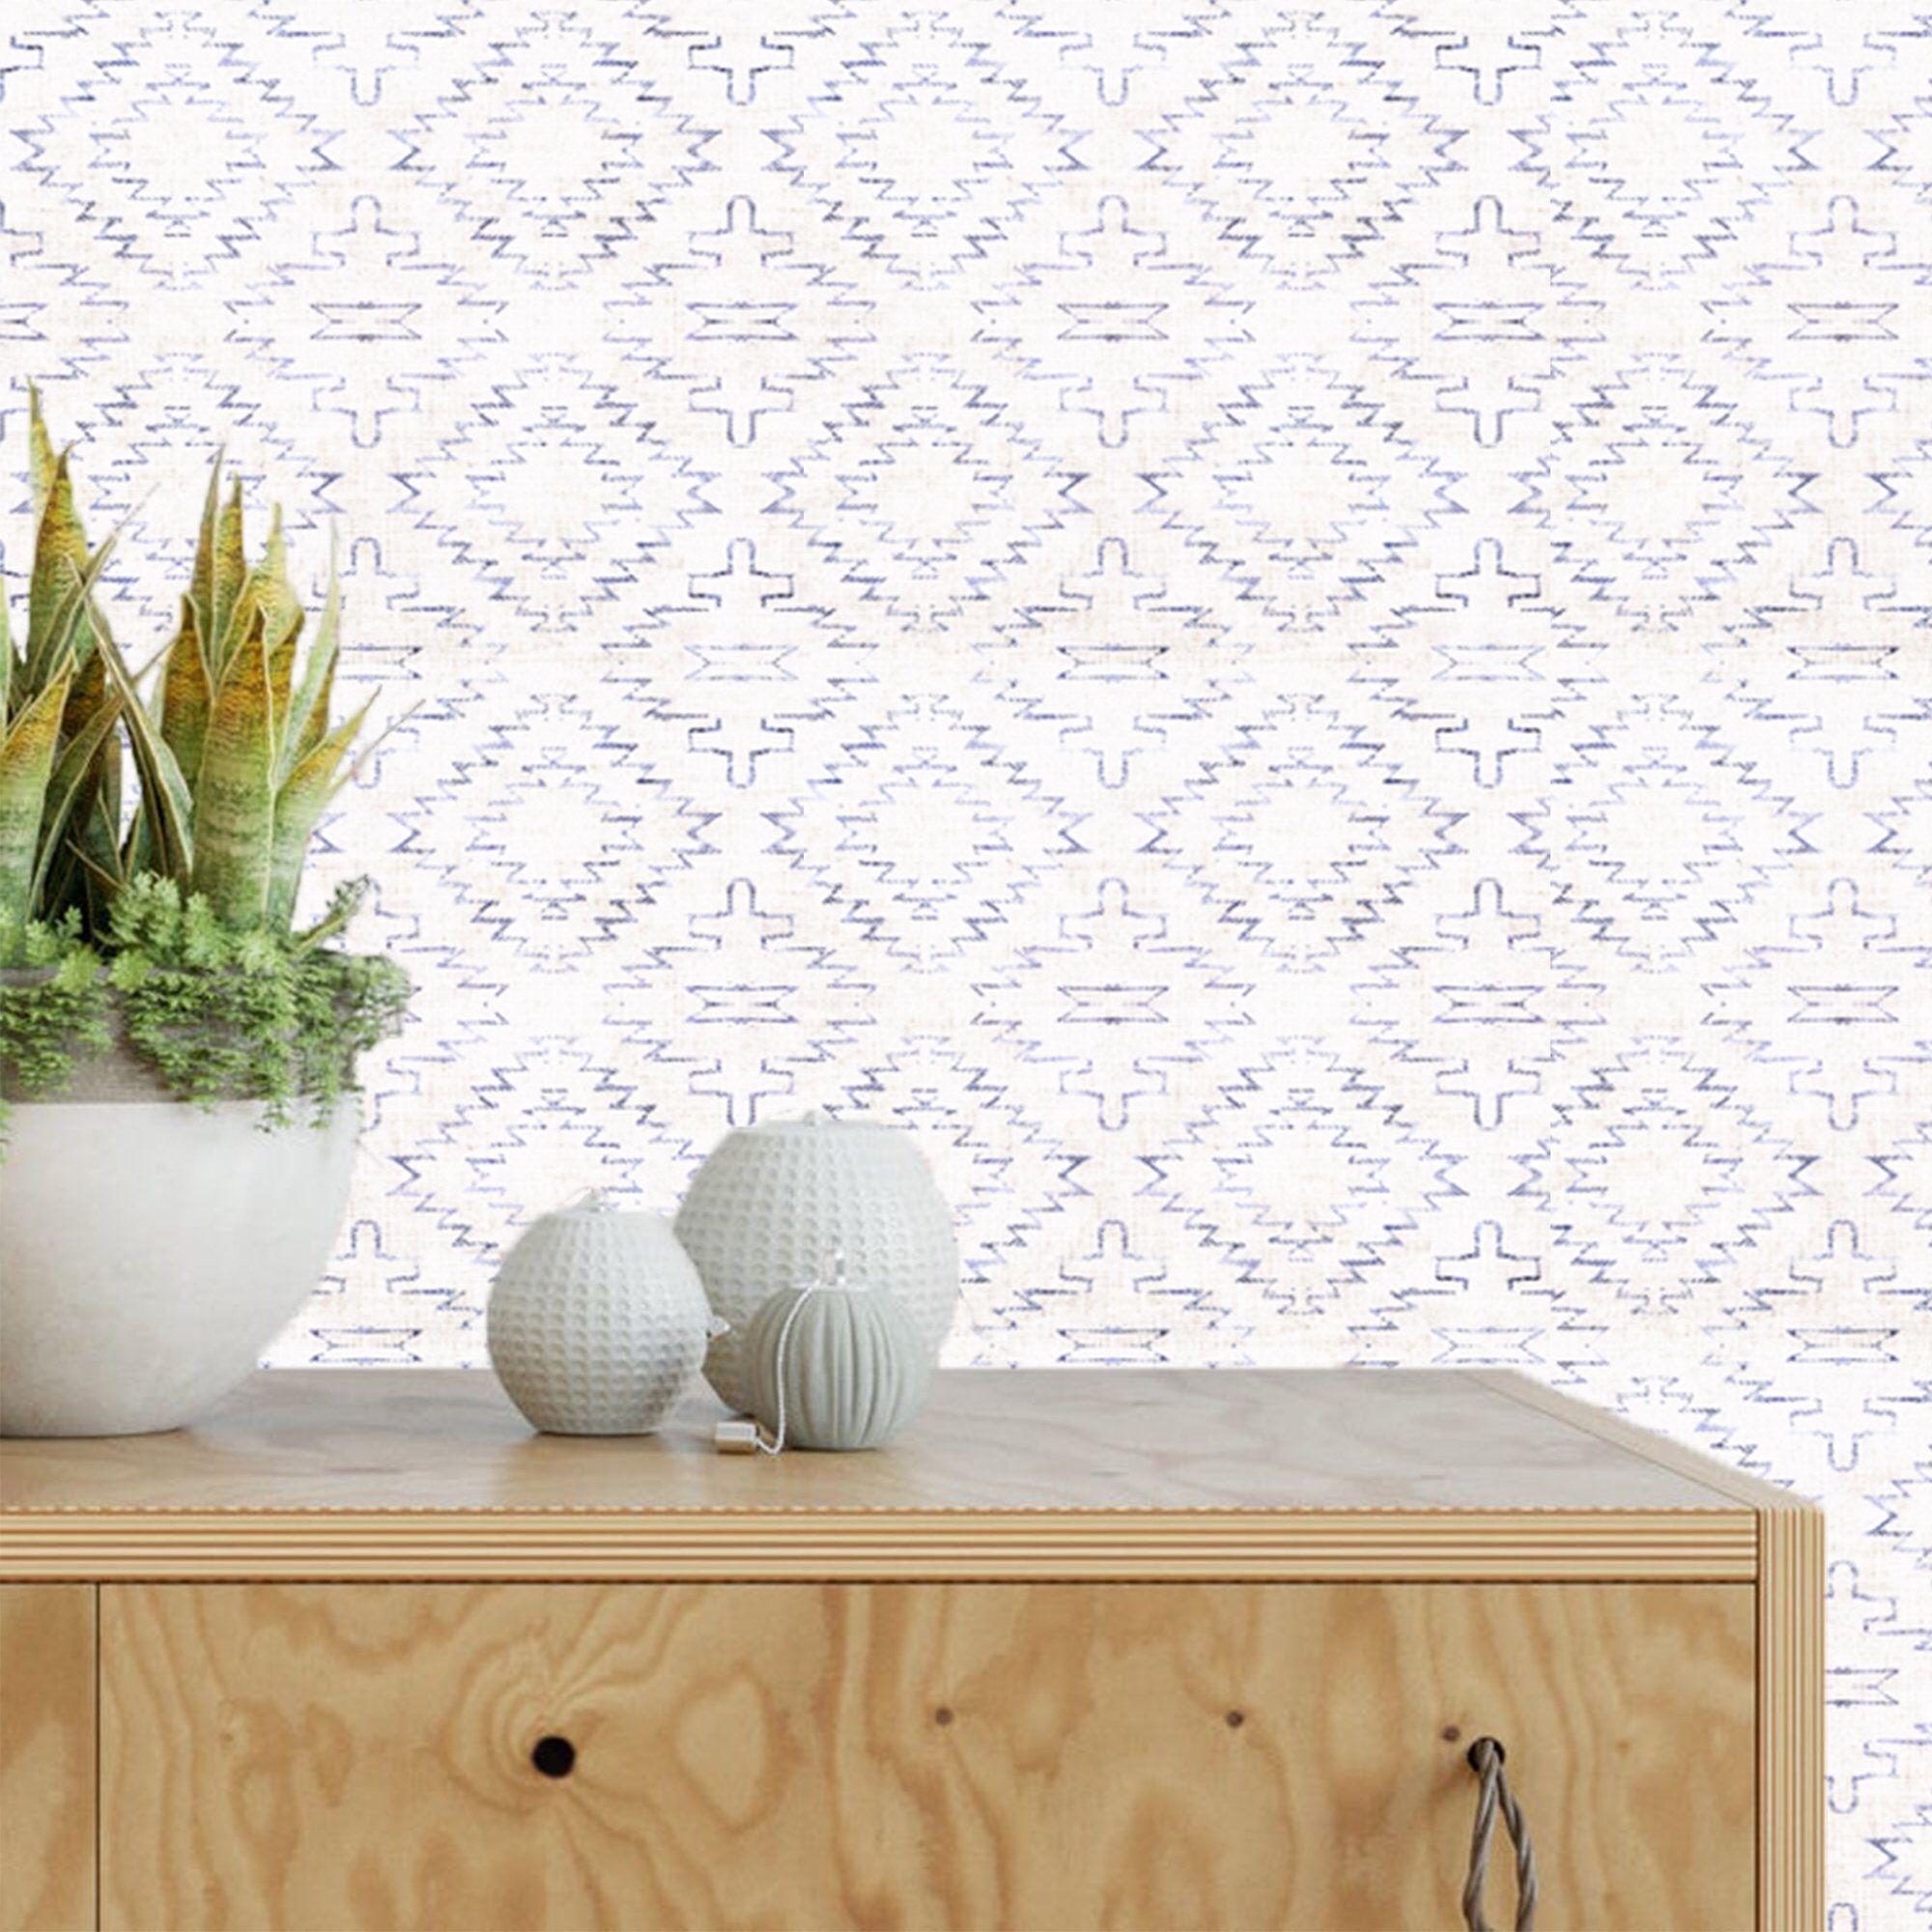 Navy White Ikat Wallpaper Removable Modern Wallpaper Peel